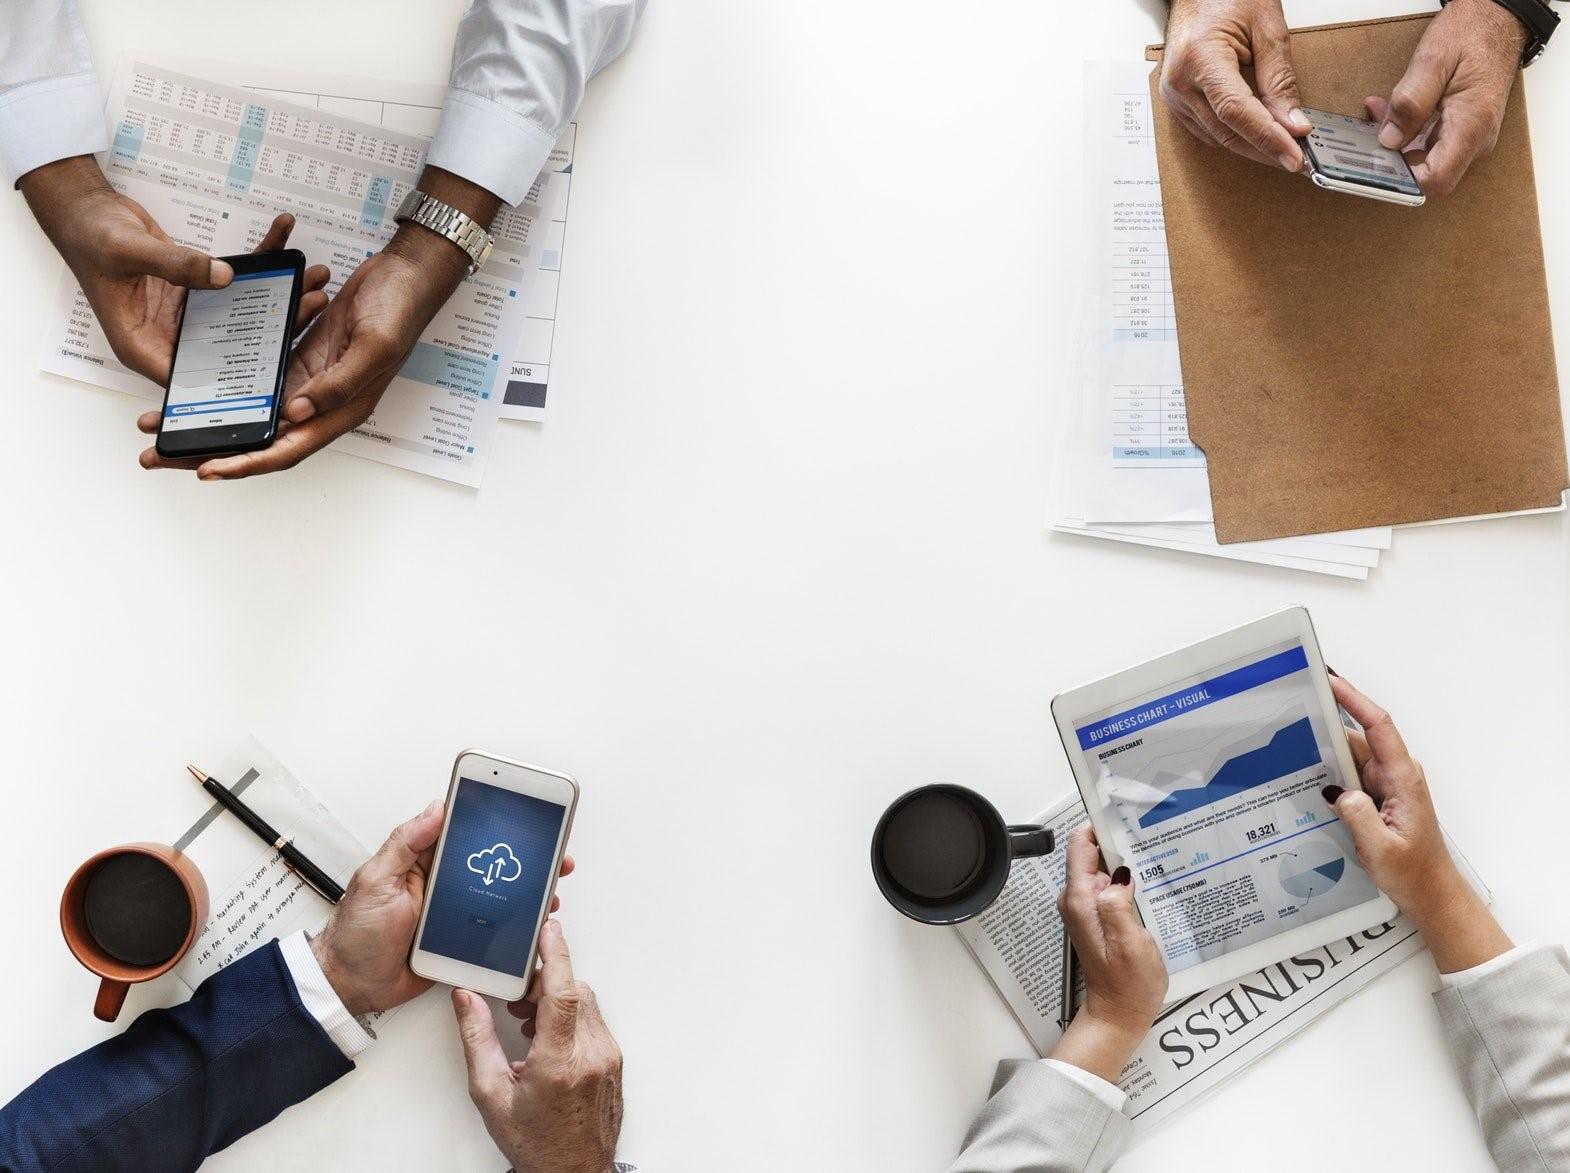 بازاریابی دیجیتال را بیاموزید